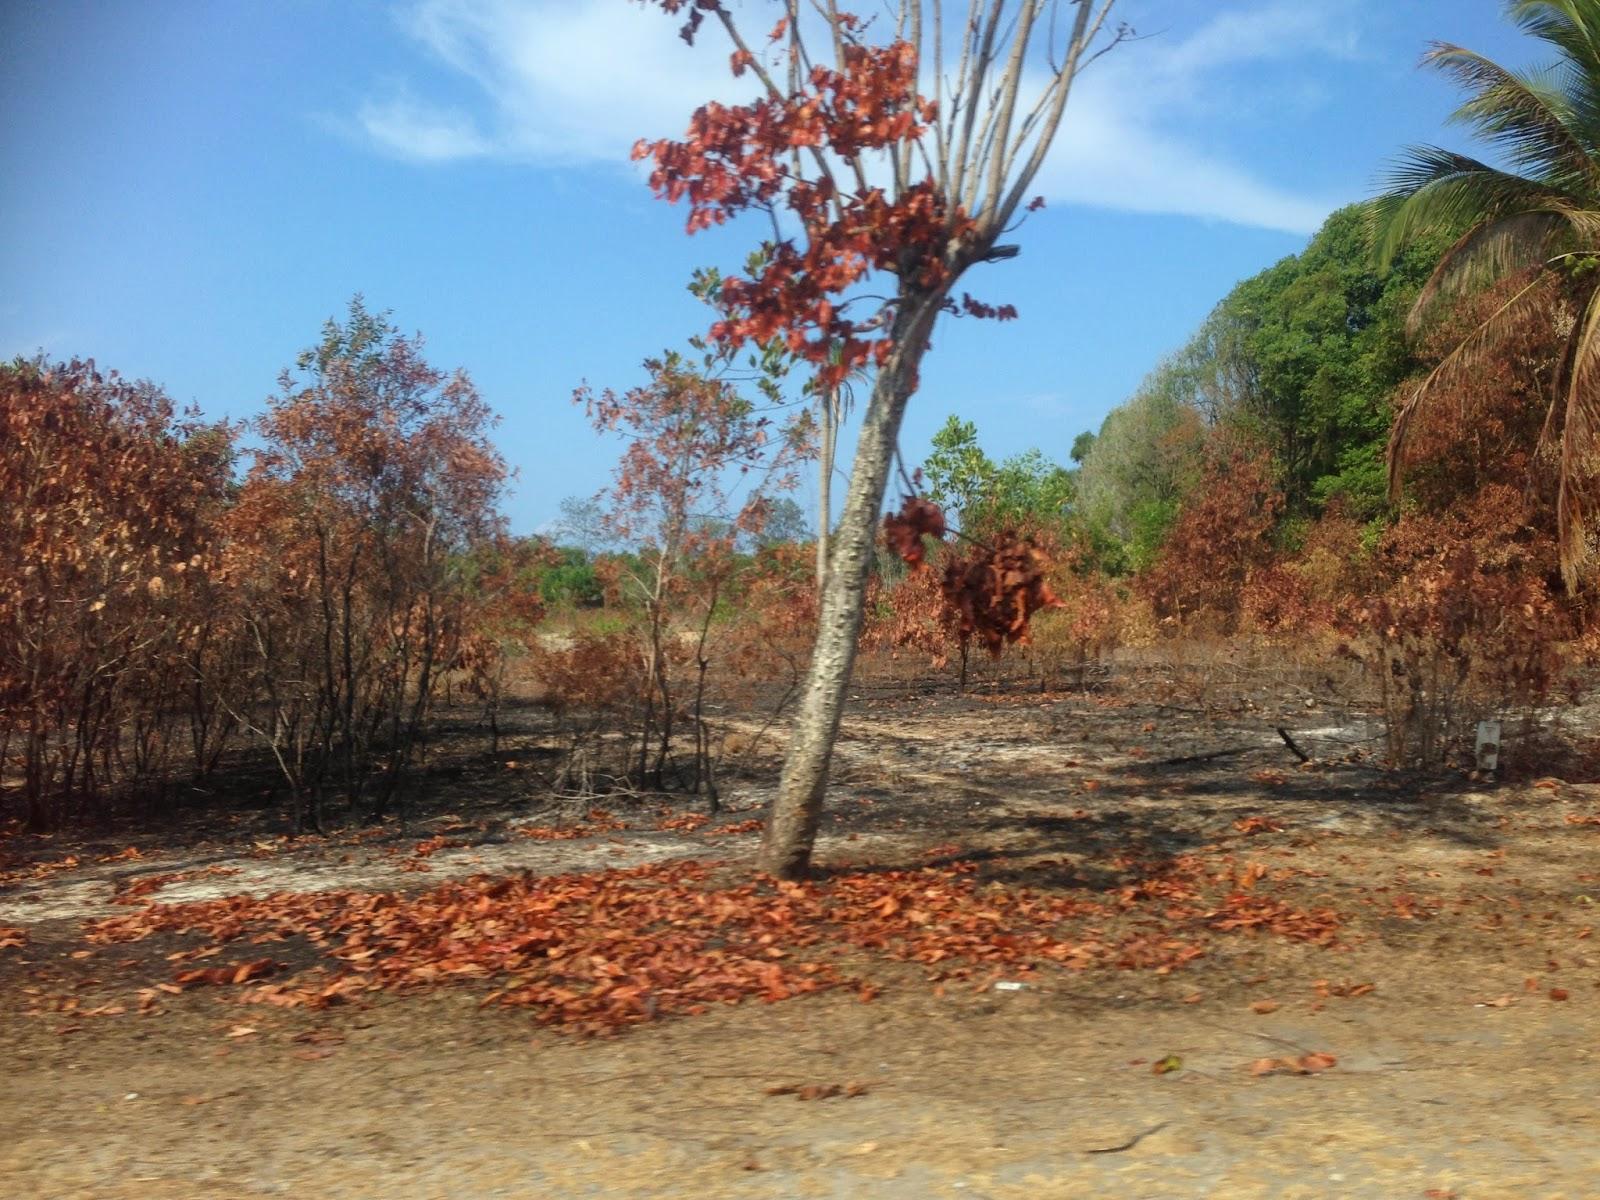 Burned foliage :(